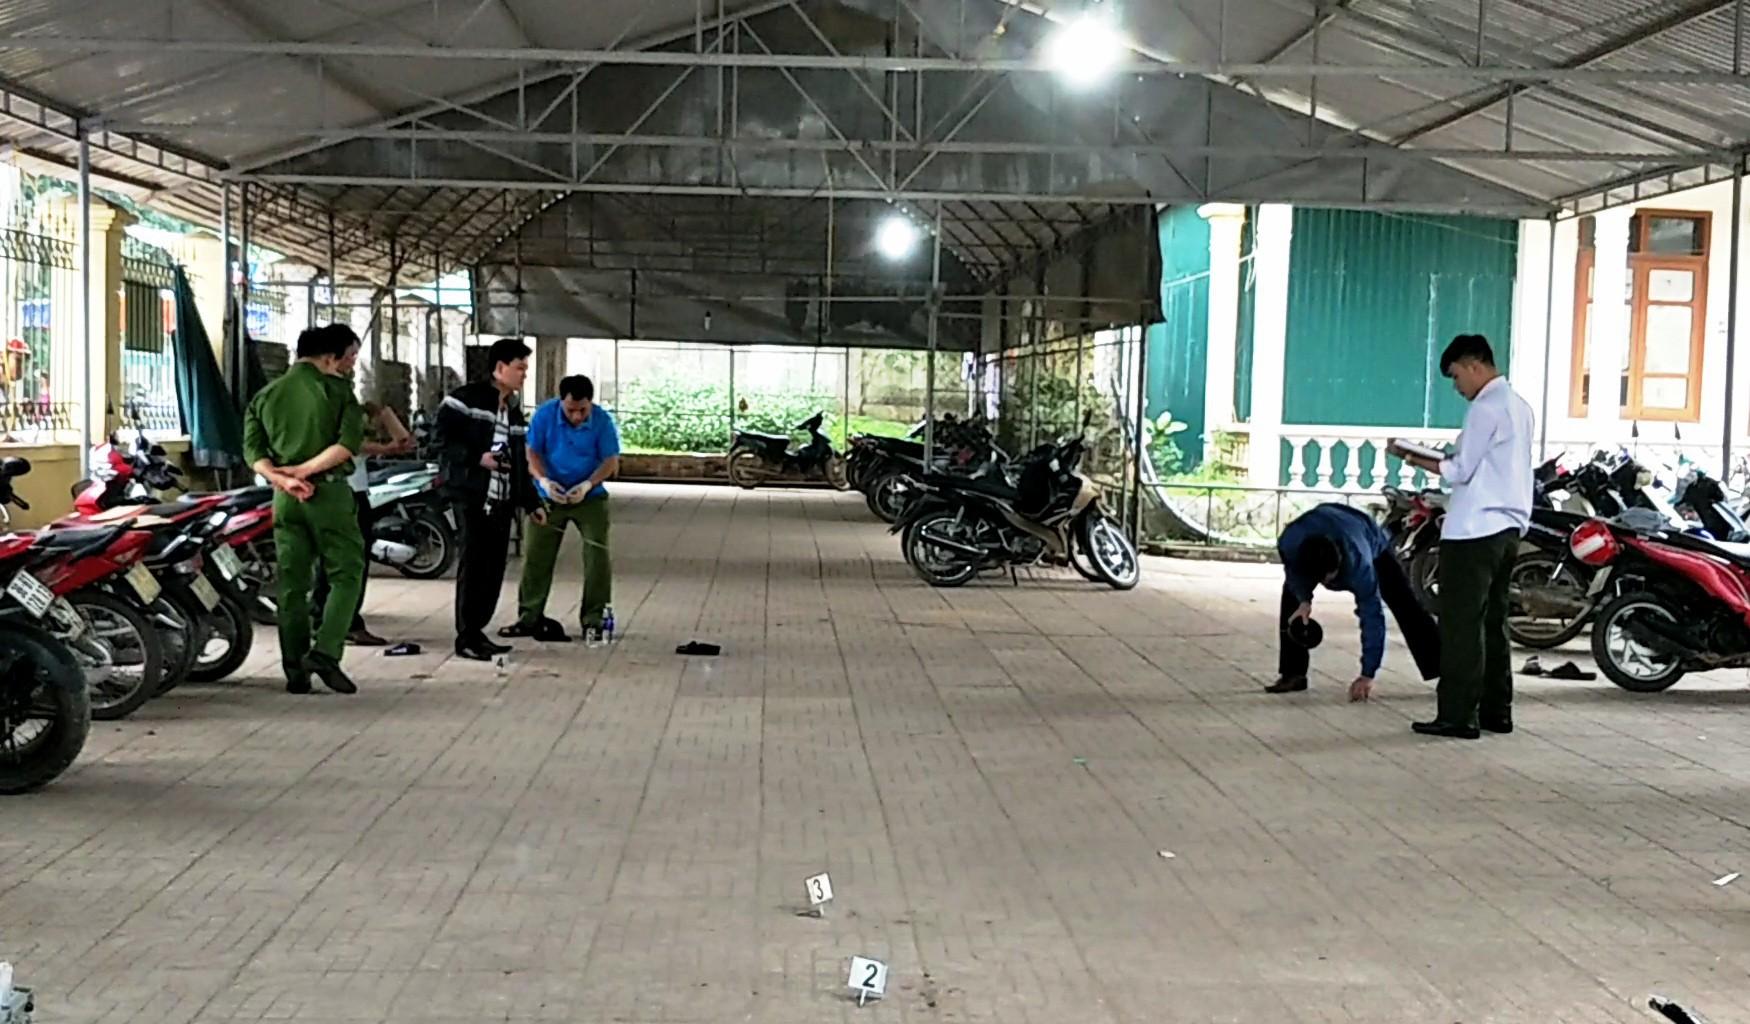 Bắc Giang: Con trai đâm chết bác ruột, cha đi đầu thú nhận tội thay - Ảnh 1.